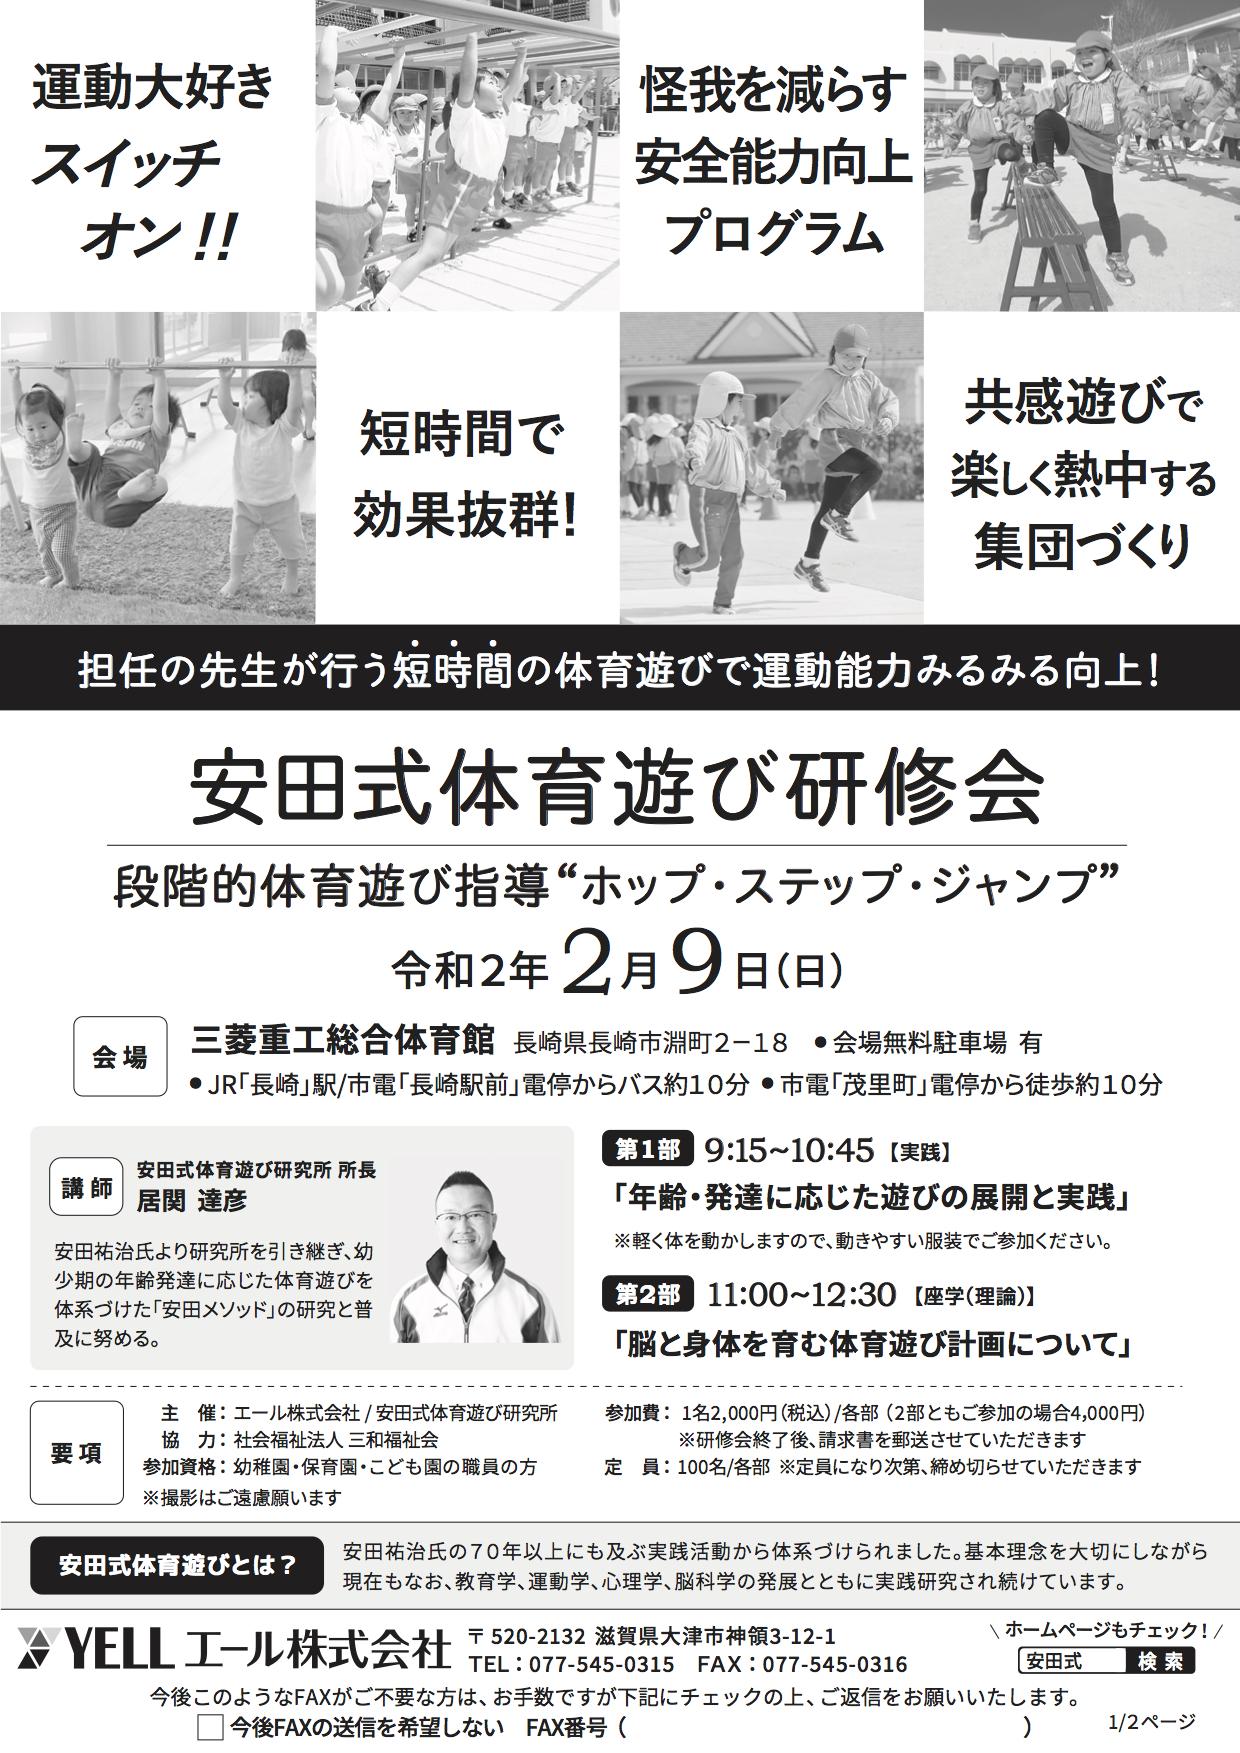 安田式体育遊び研修会案内書